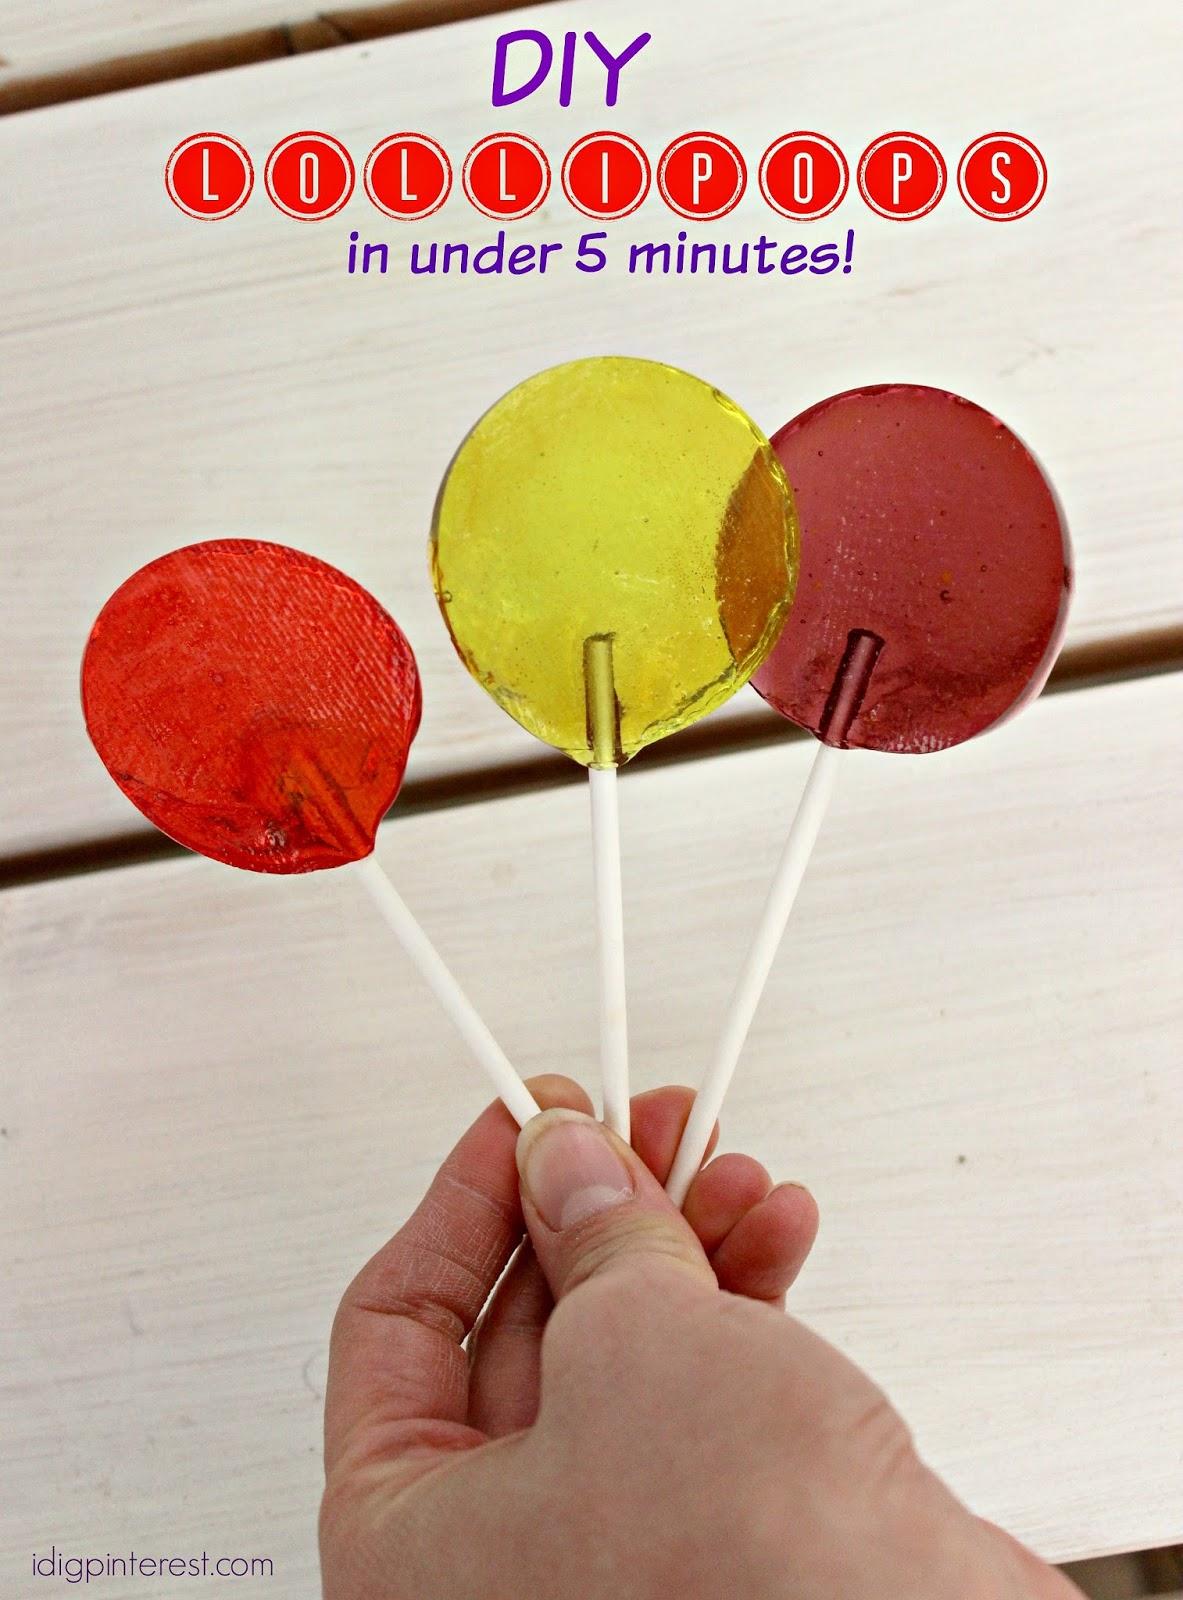 Diy Lollipops In Under 5 Minutes I Dig Pinterest